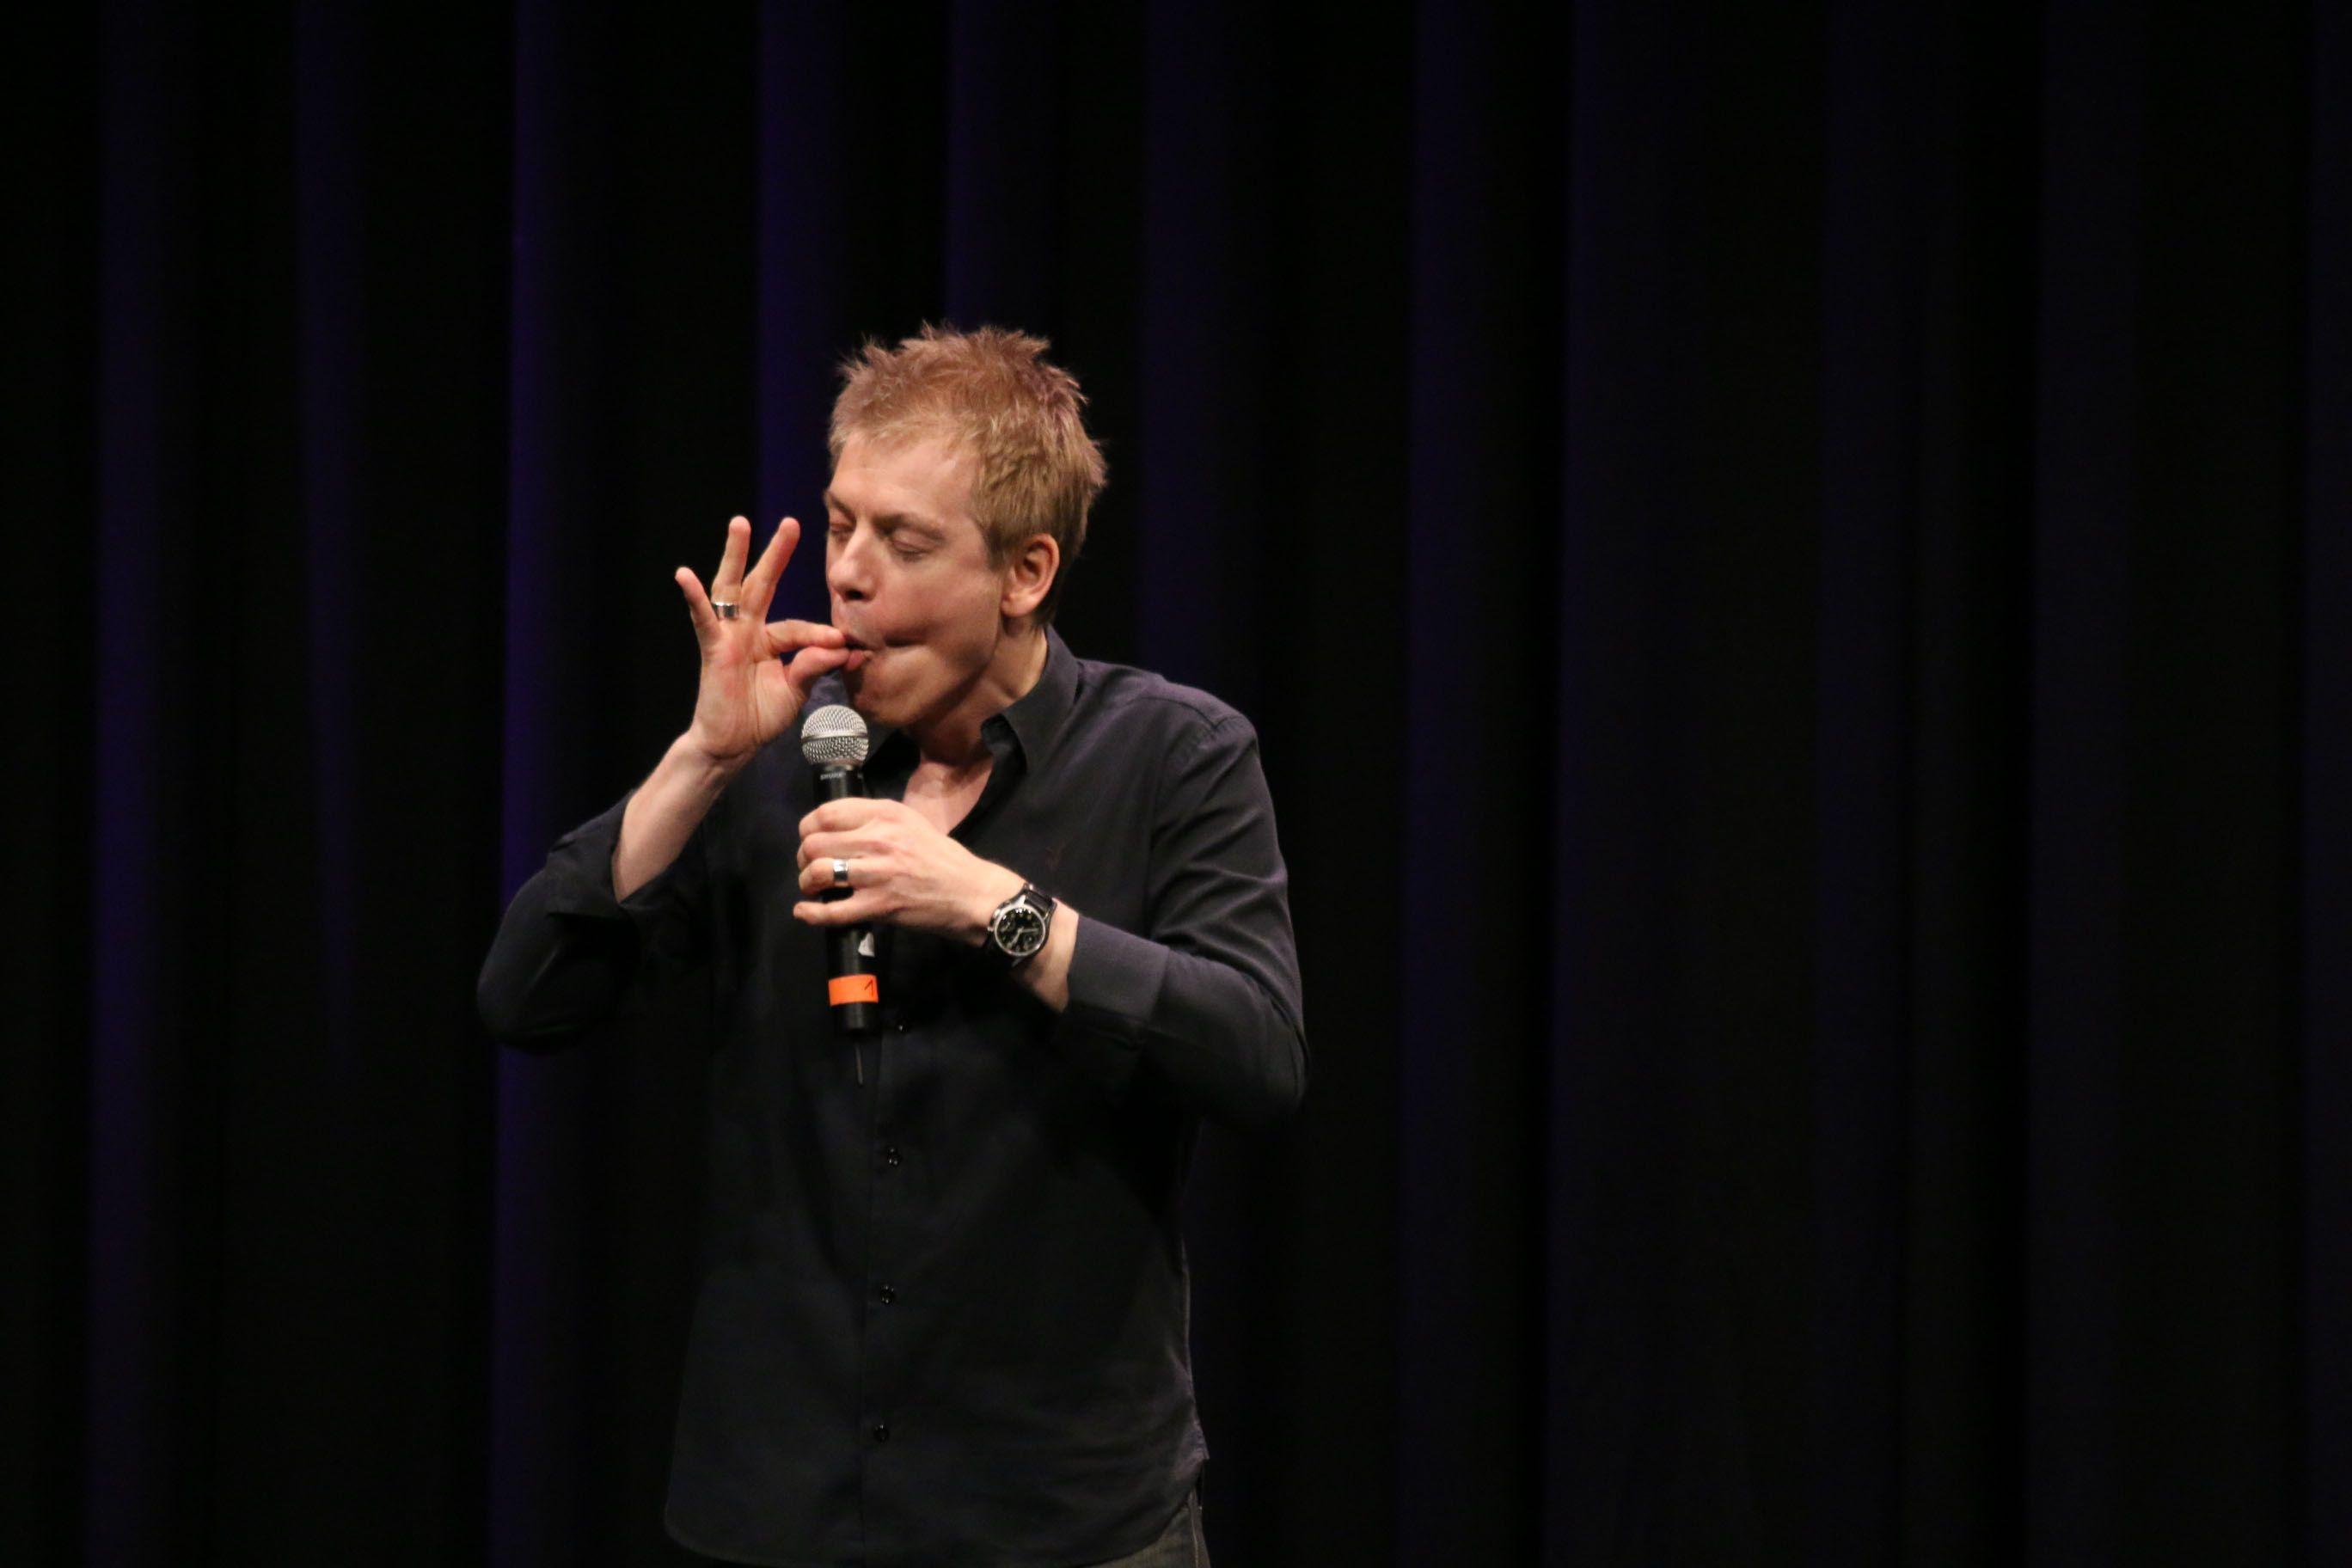 """Die vielen Gesichter des Michael Mittermeier. Bei der Vorstellung """"The Road to Edinburgh"""" im Stadtsaal in Wien am 9.4.2014 um 23:15. Aufgenommen von G.Fuderer"""